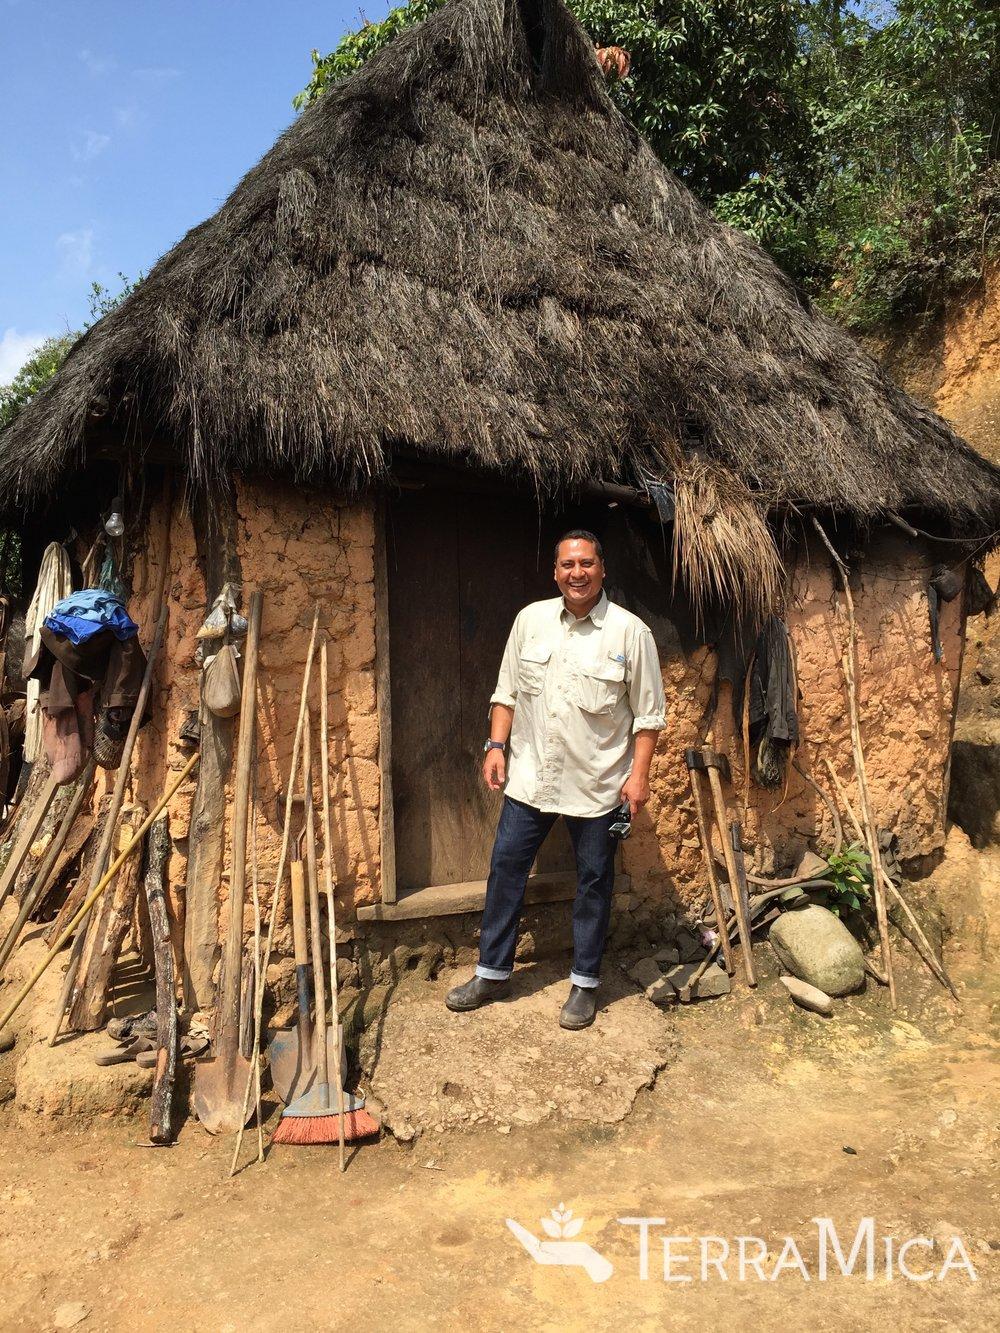 Patrick, hut, MEX 2015